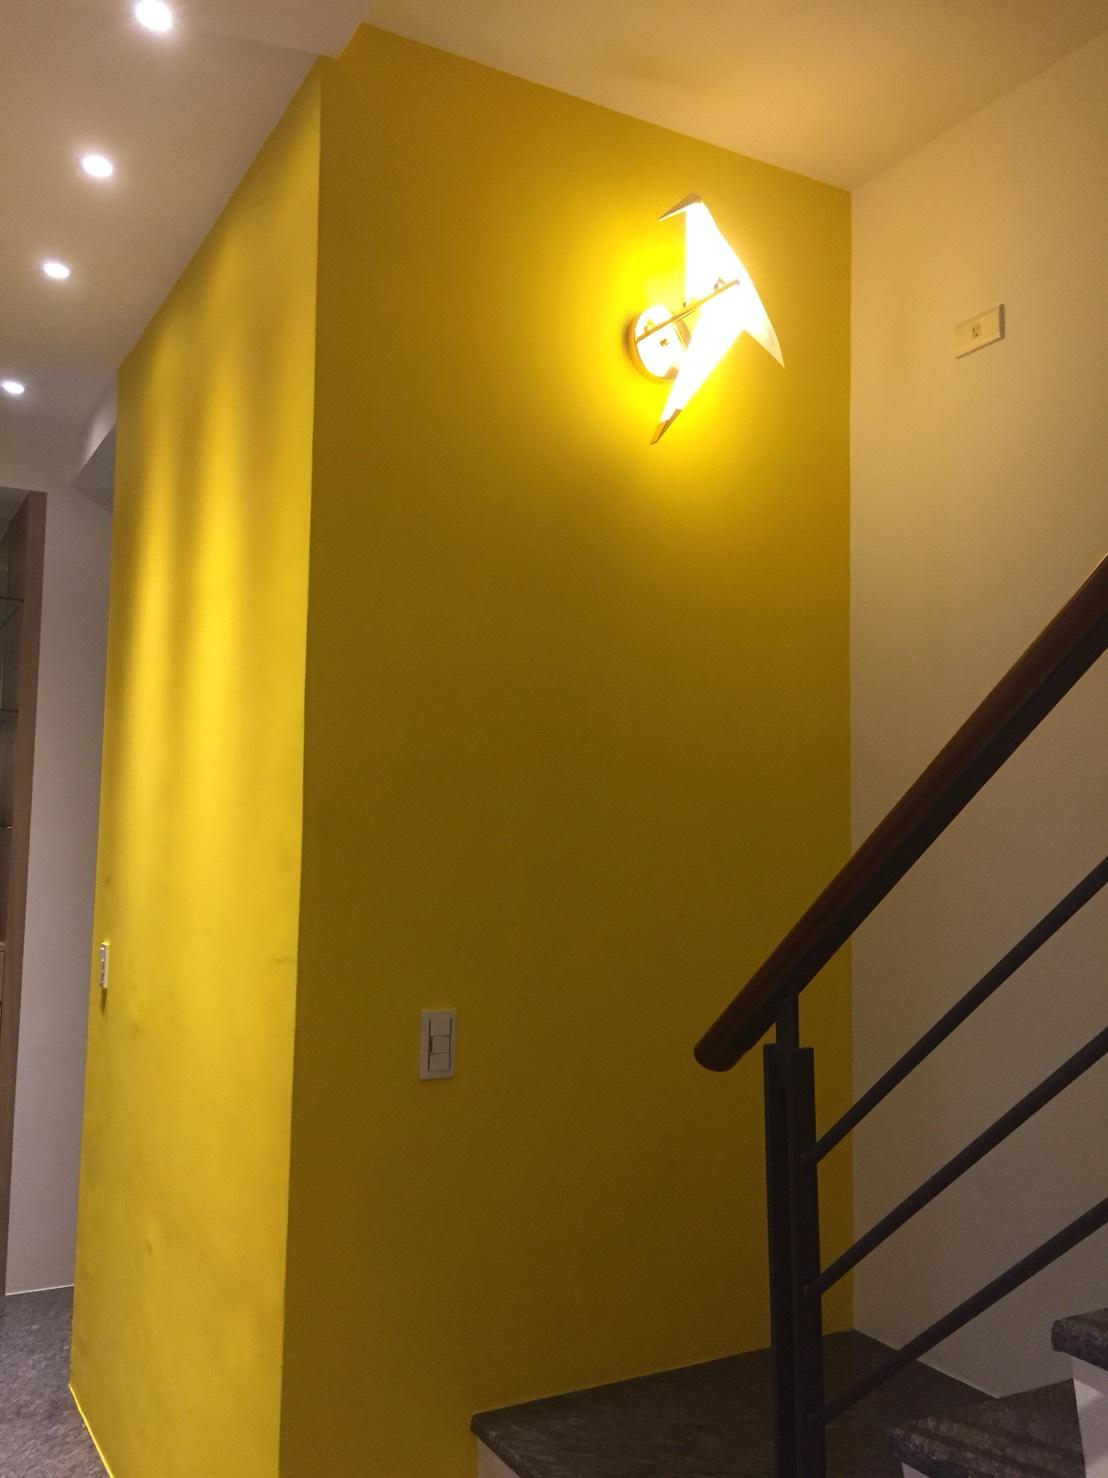 新竹住宅應用LED燈照明